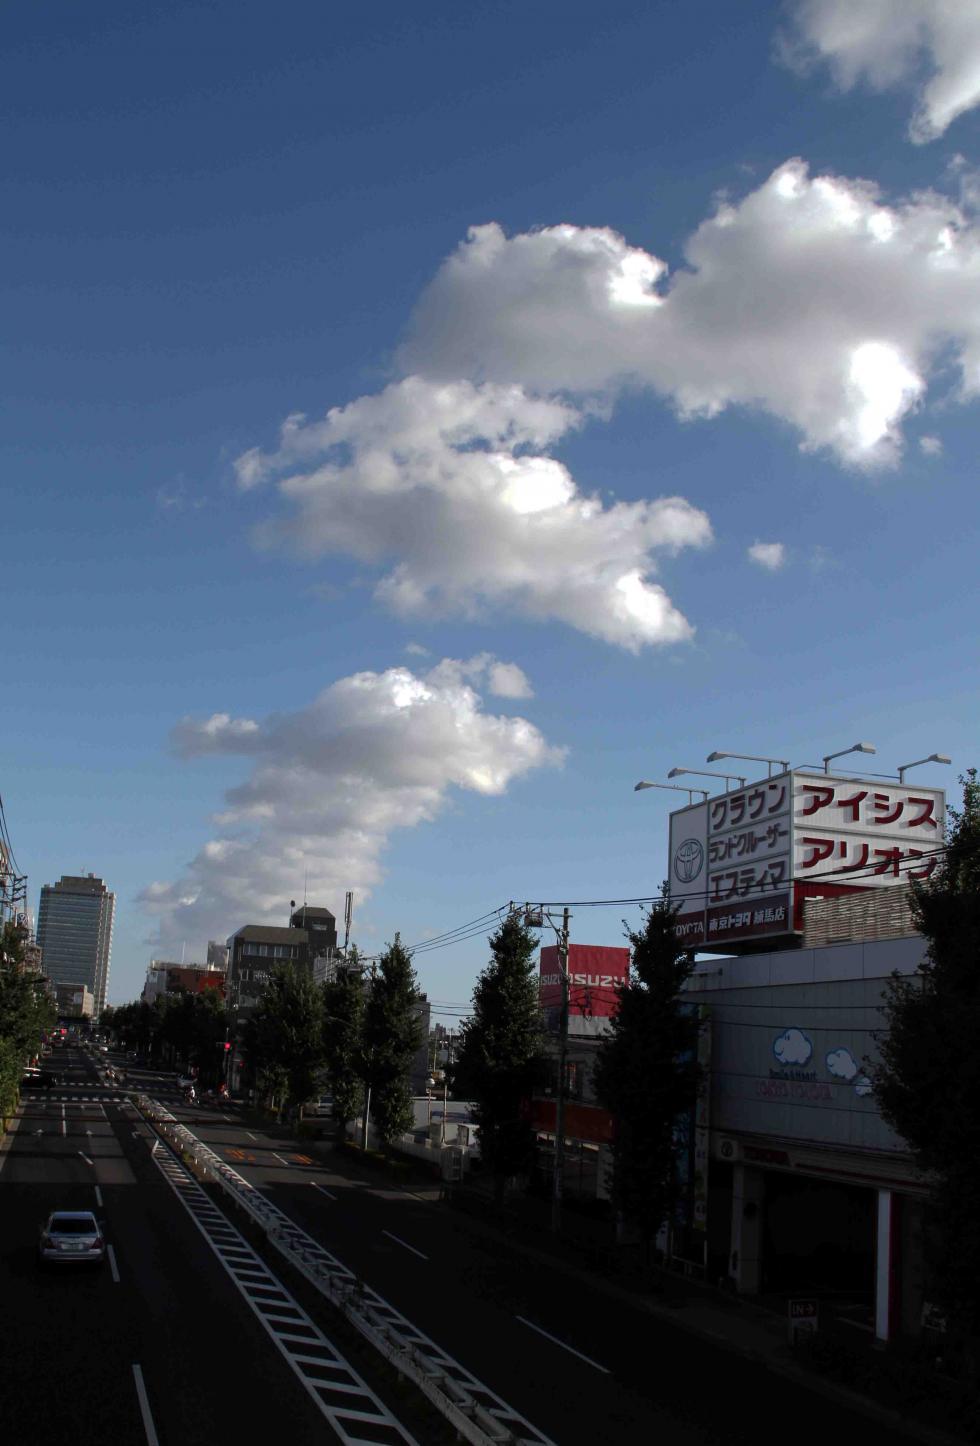 環八雲 20120819(2) 16時49分 笹目通り土支田付近から谷原方面